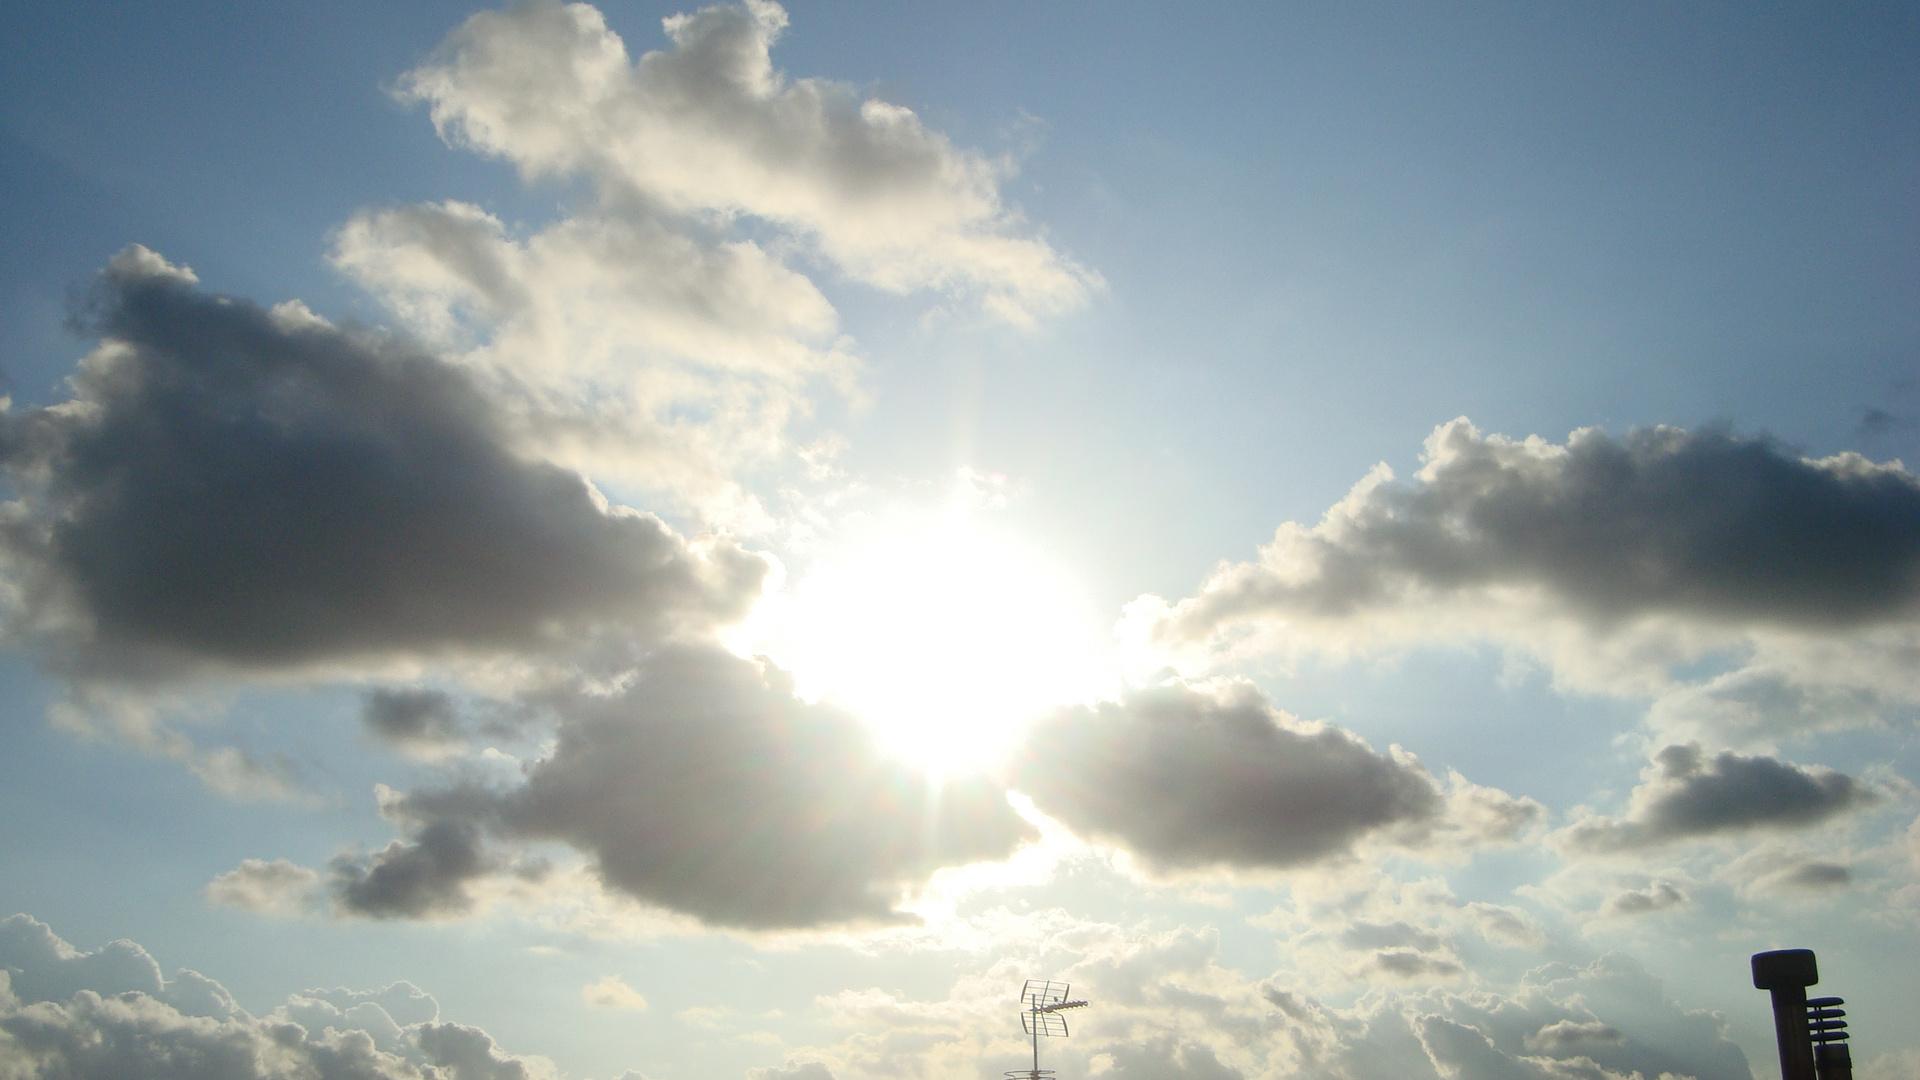 sol y nuves